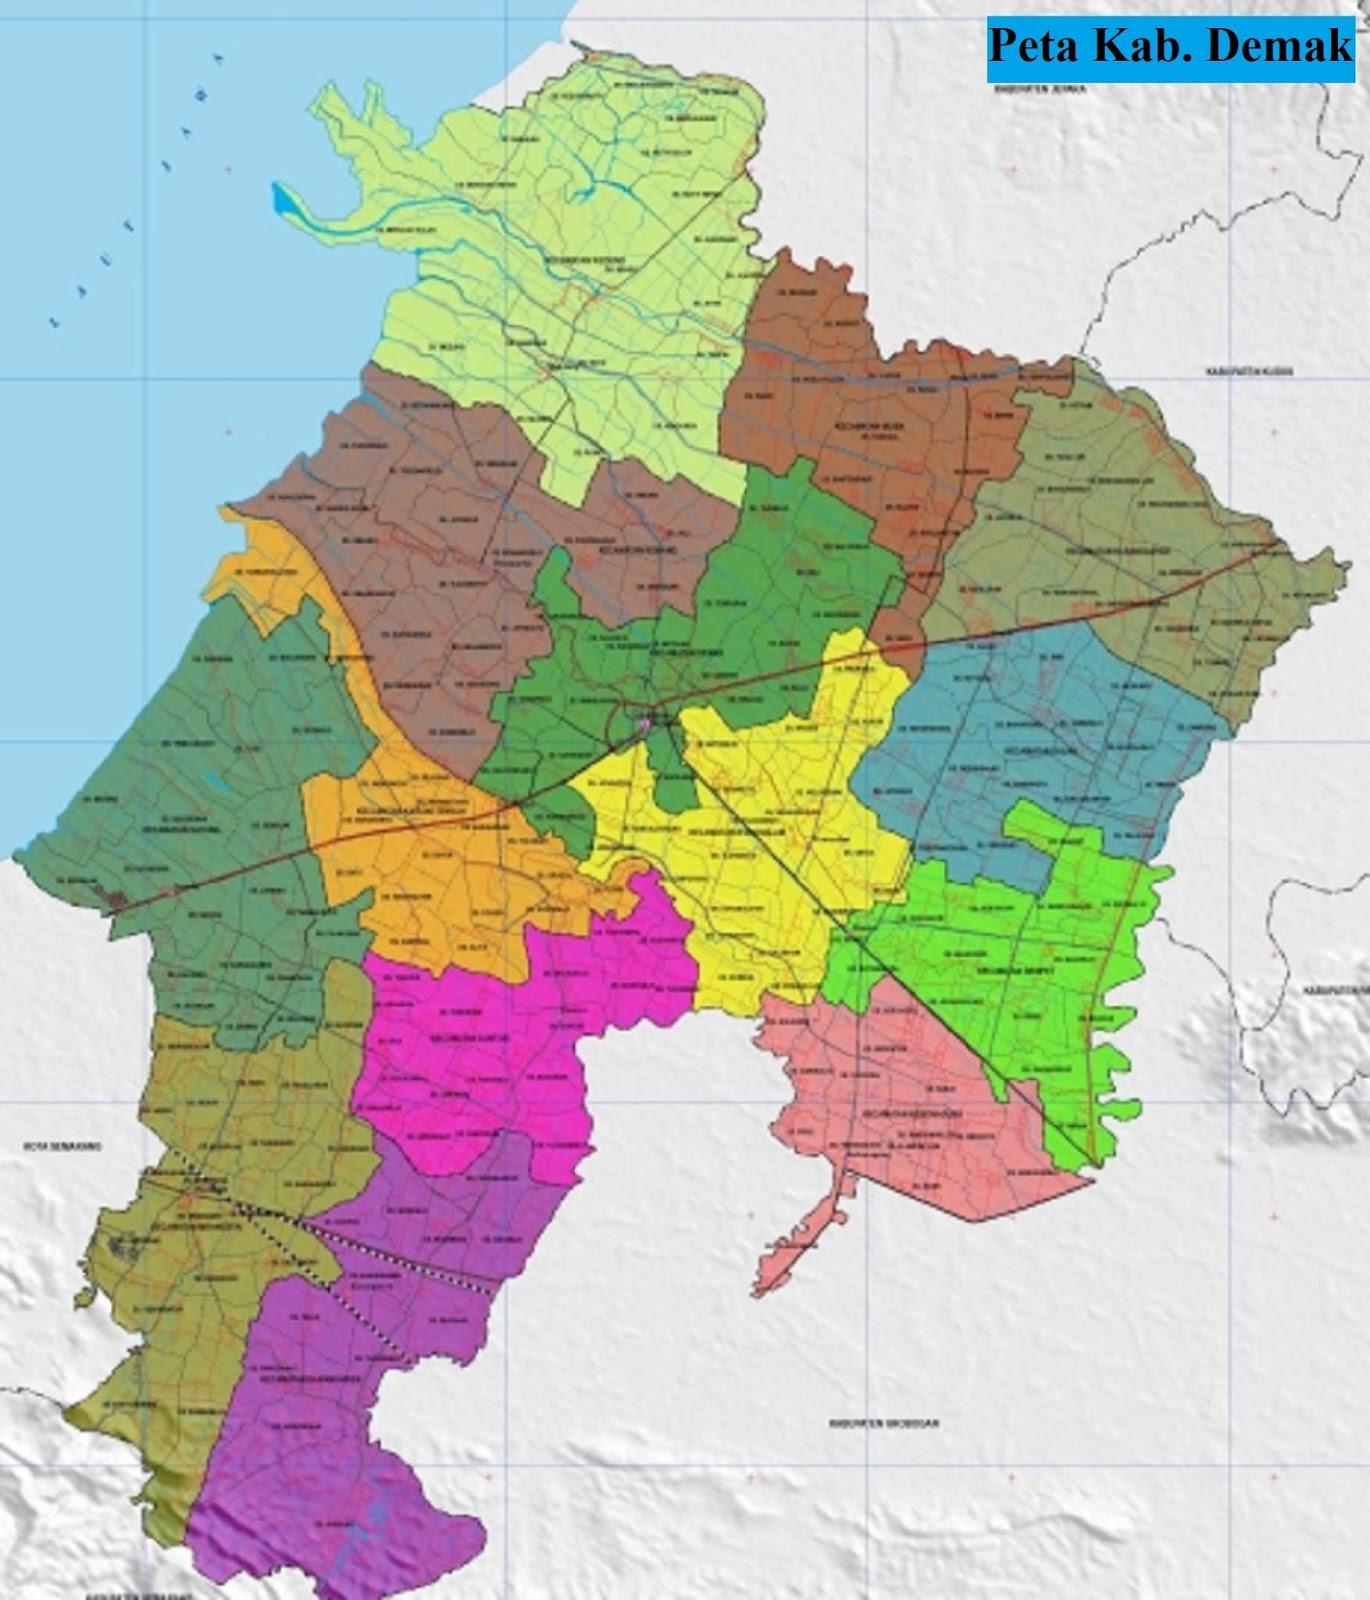 Peta Kecamatan di Kabupaten Demak